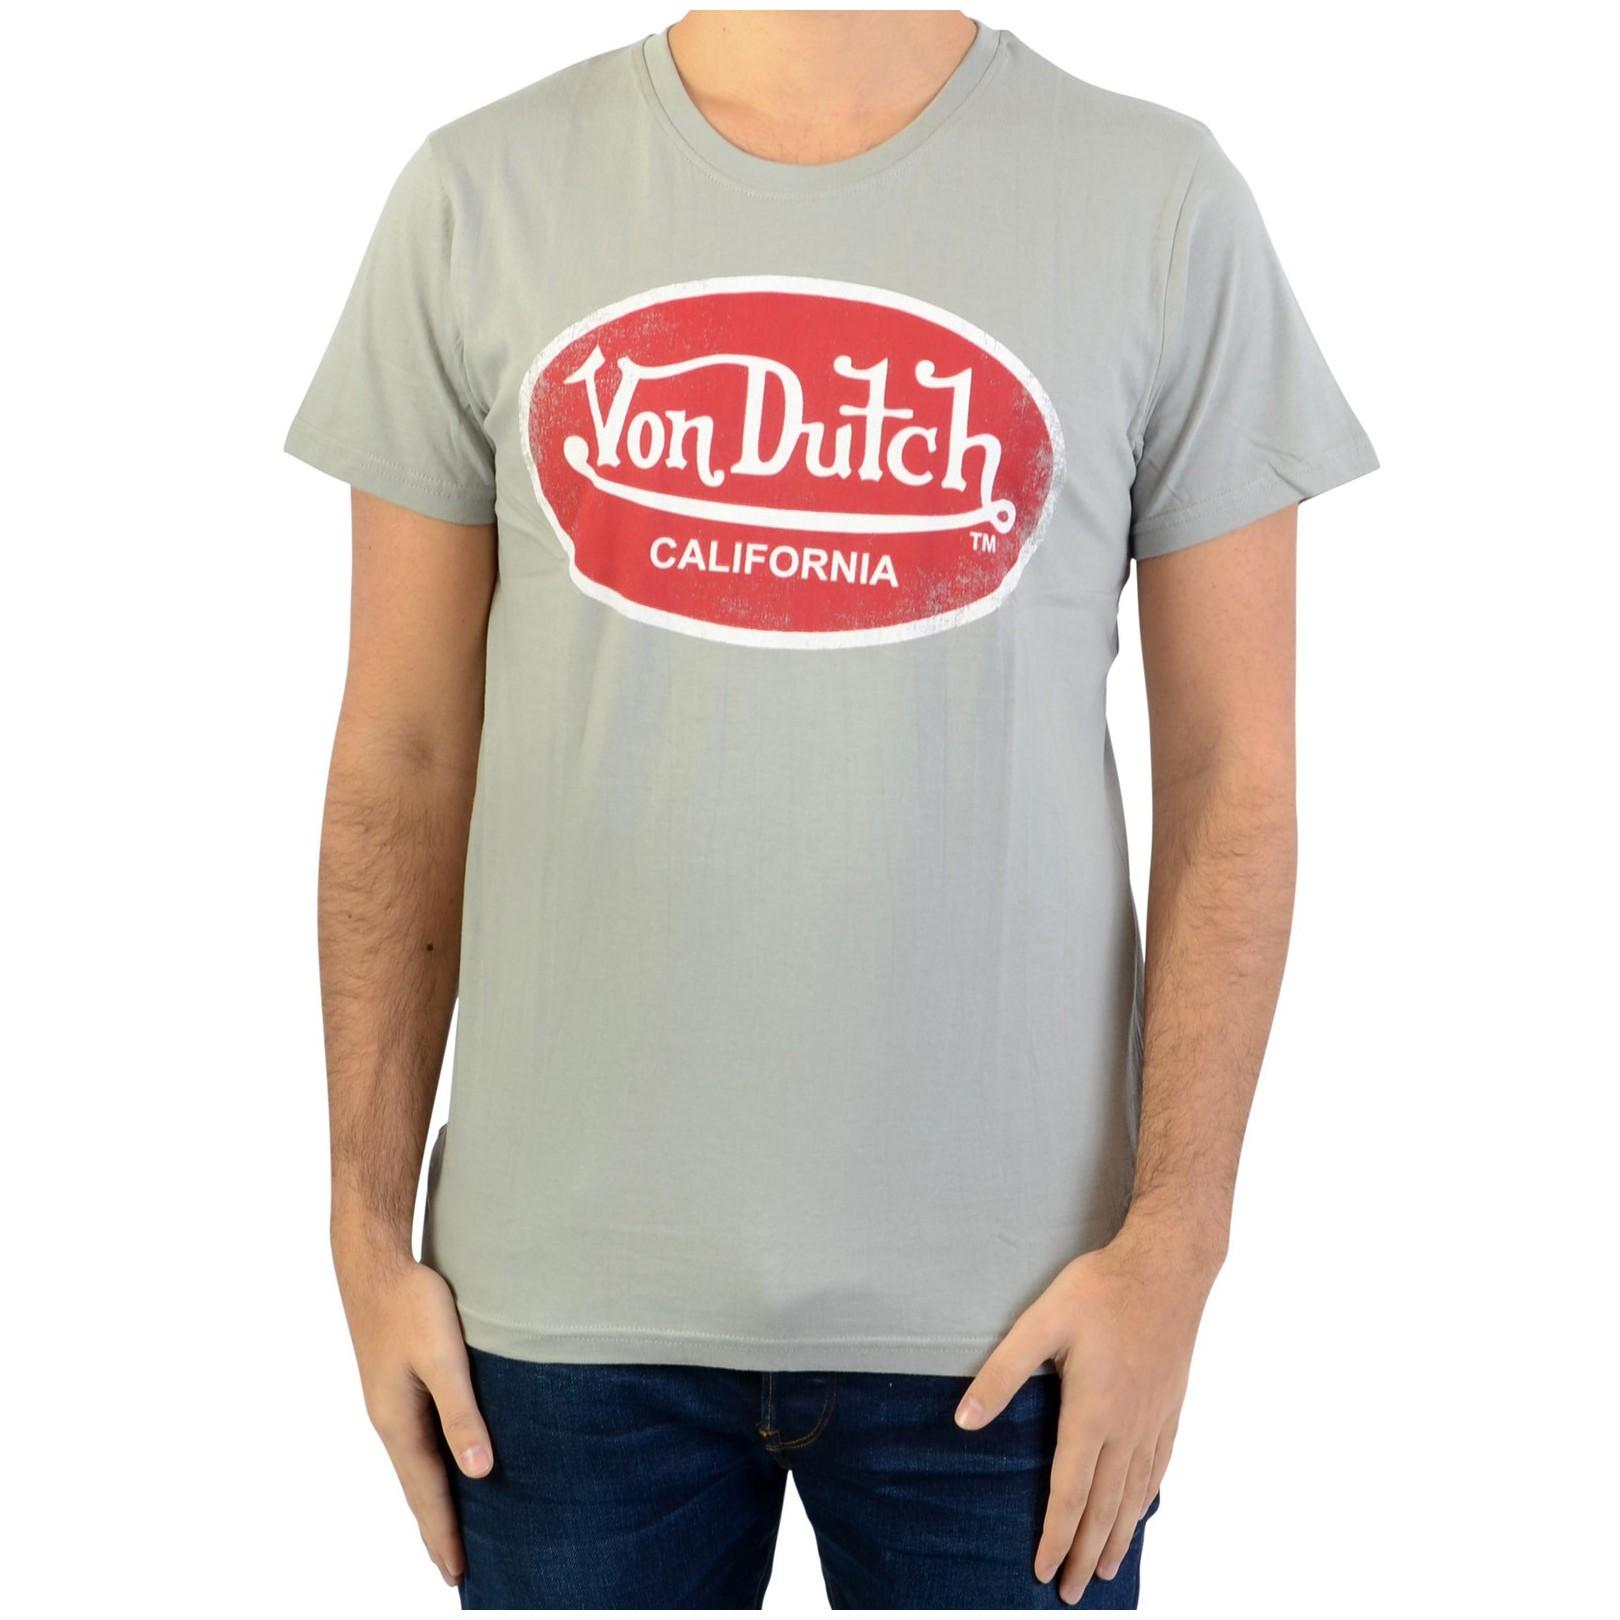 Tee Shirt Von Dutch Aaron 04 Grey/Red